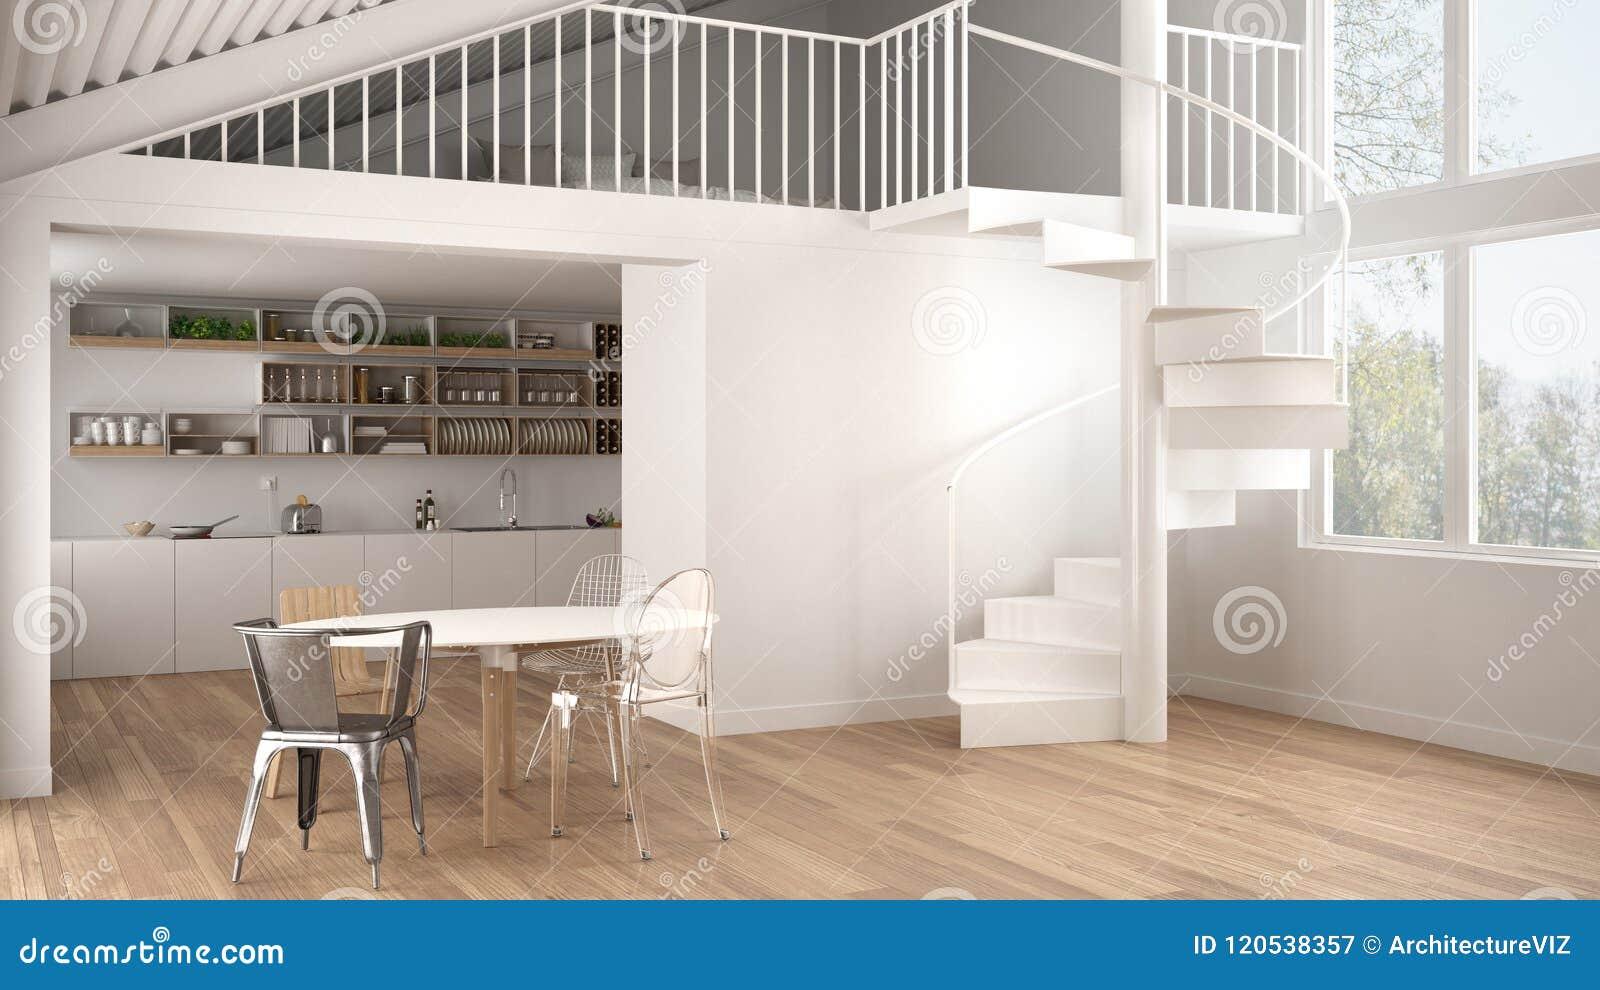 Minimalist White Kitchen With Mezzanine And Modern Spiral Staircase